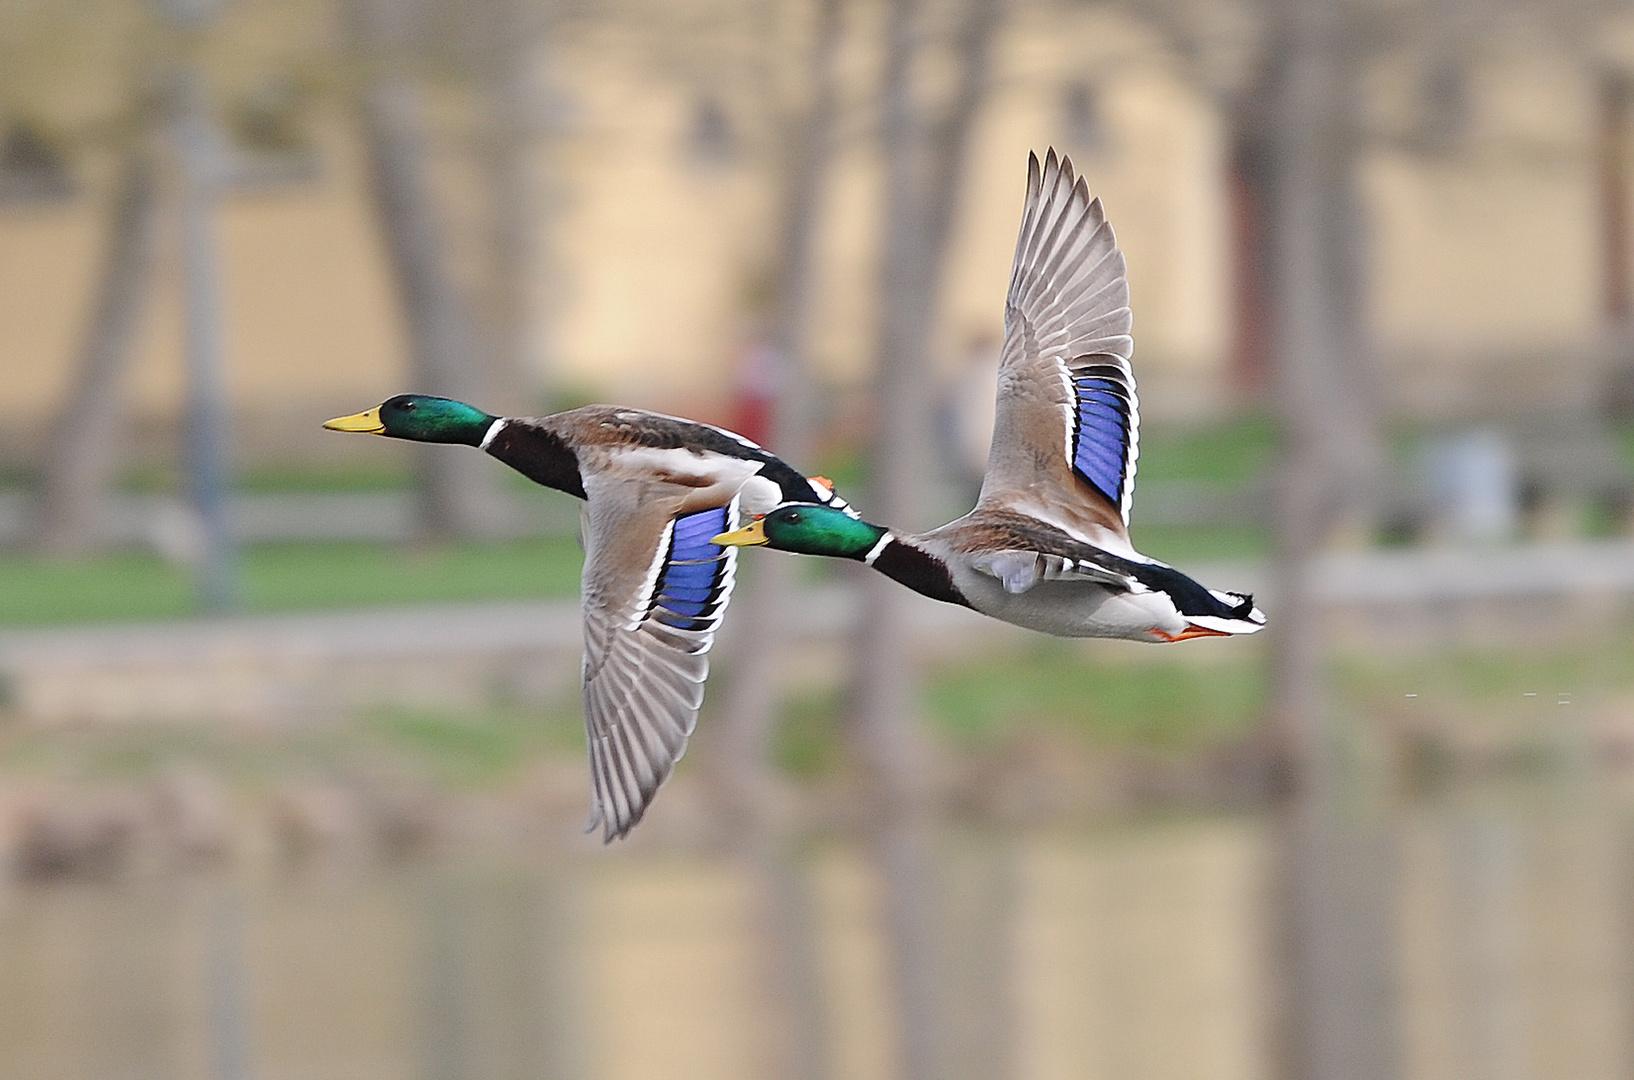 Zwei Enten im Flug beim Schloss Monrepos in Ludwigsburg